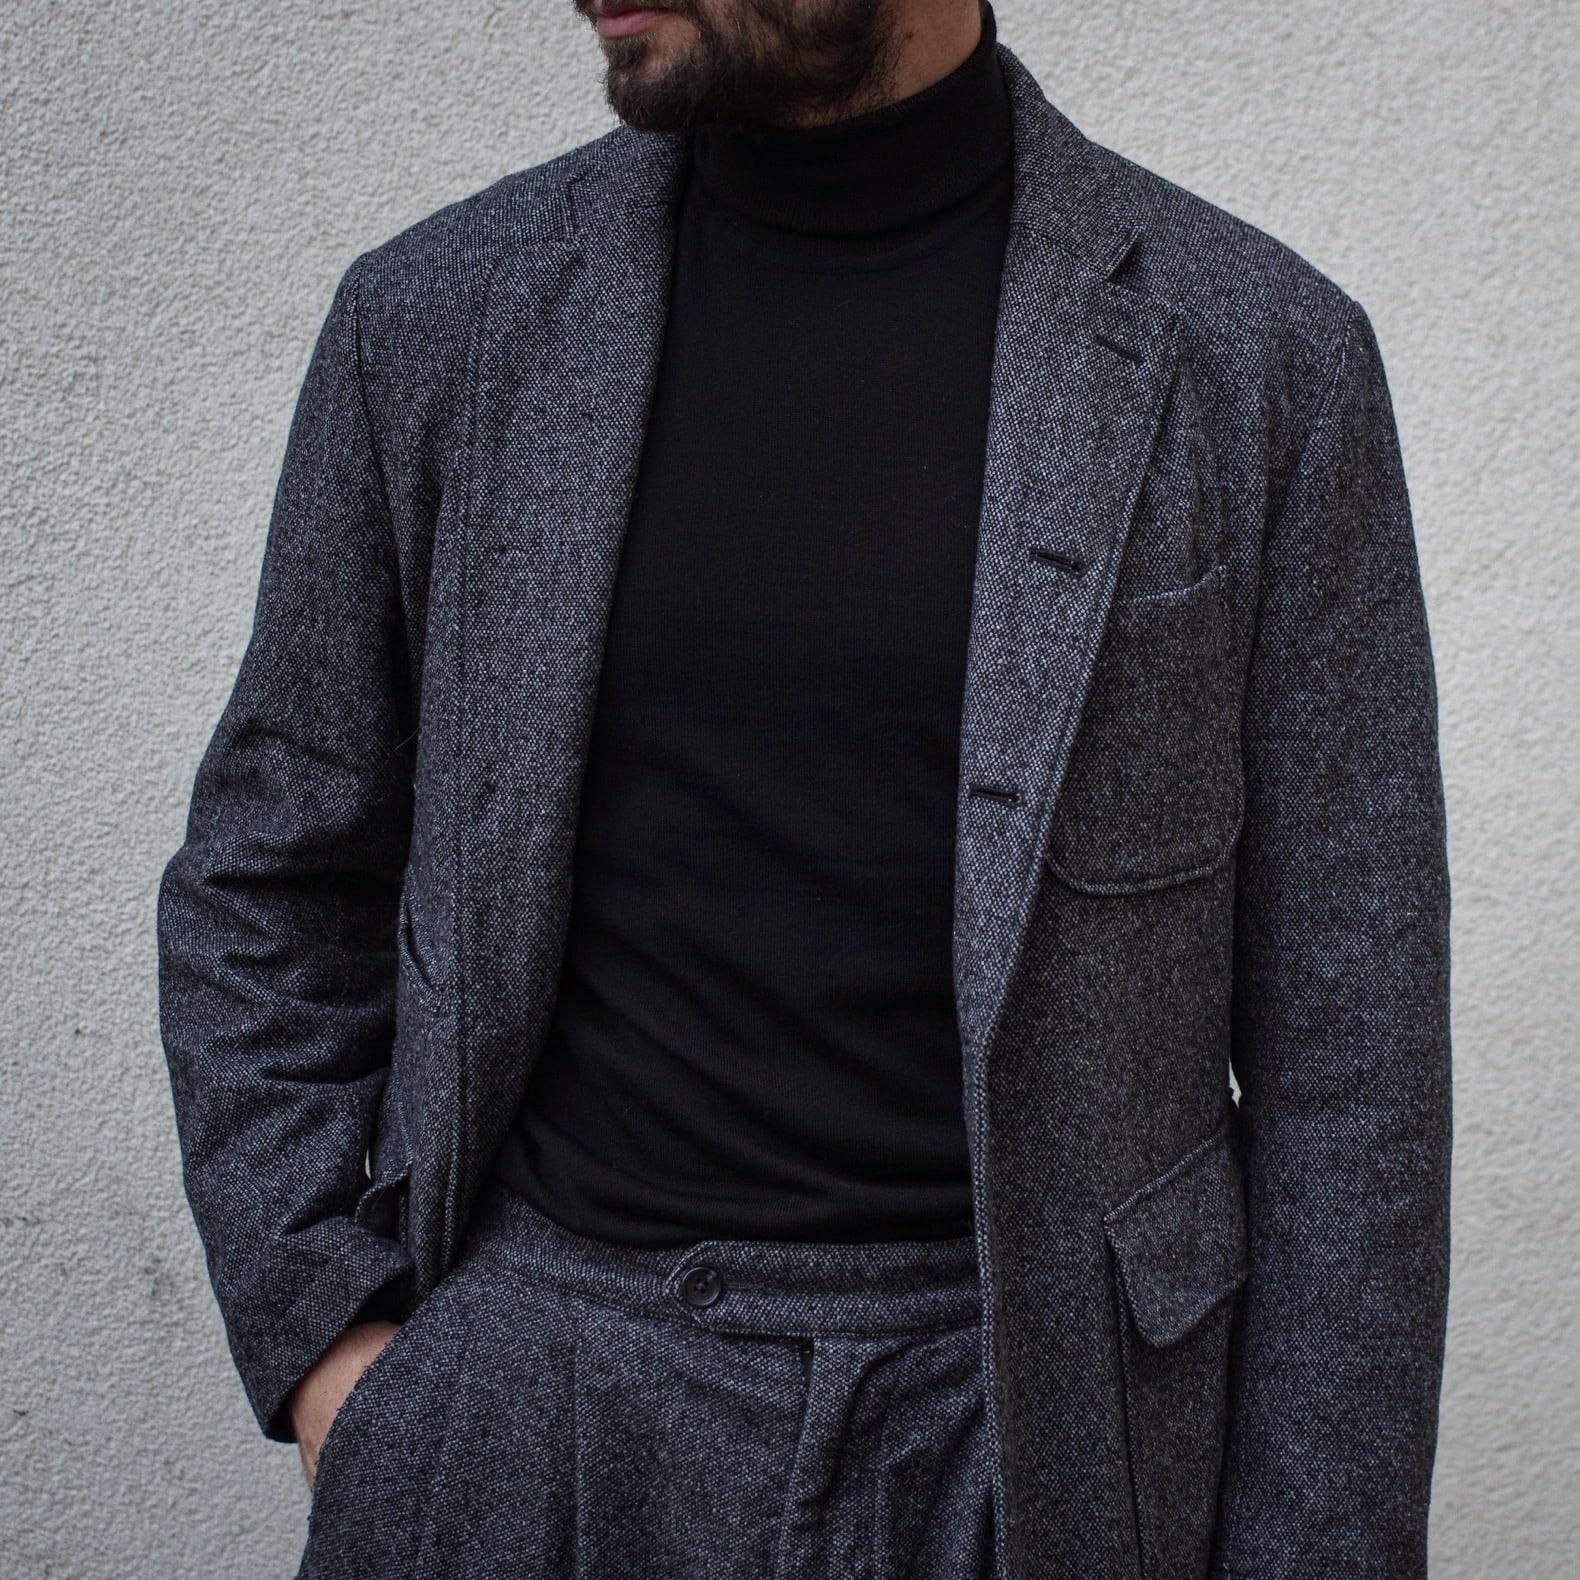 choisir veste en tweed homme et pull col roulé noir